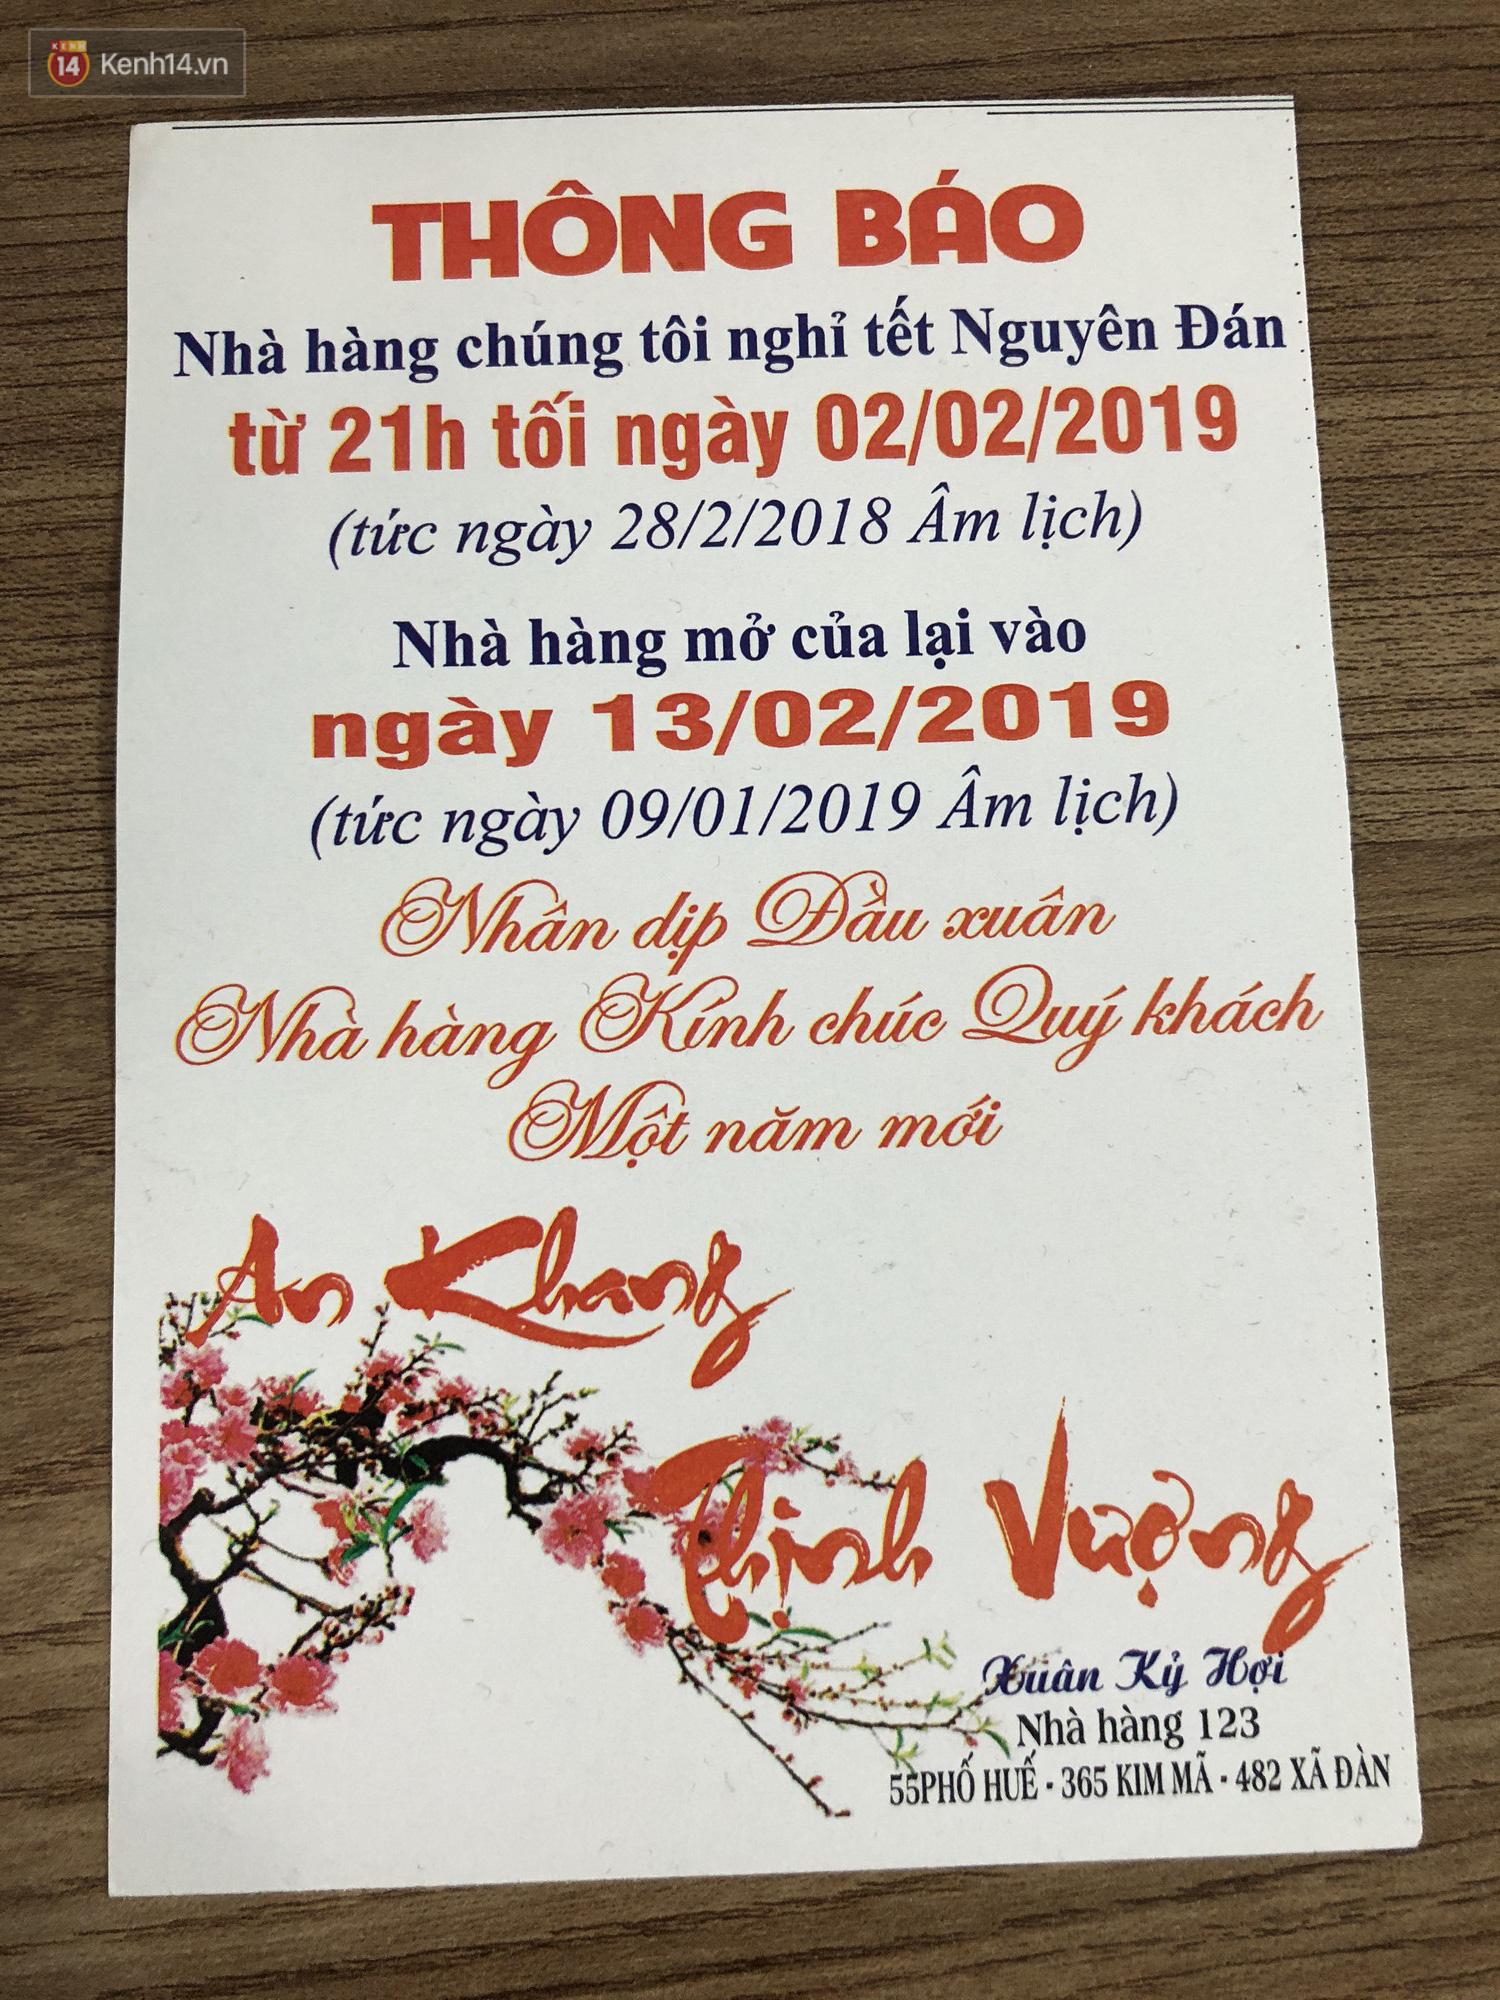 Hết Tết rồi mà vẫn còn nhiều quán xá ở Hà Nội chưa mở bán trở lại, có nơi nghỉ đến tận đầu tháng 3 - Ảnh 7.